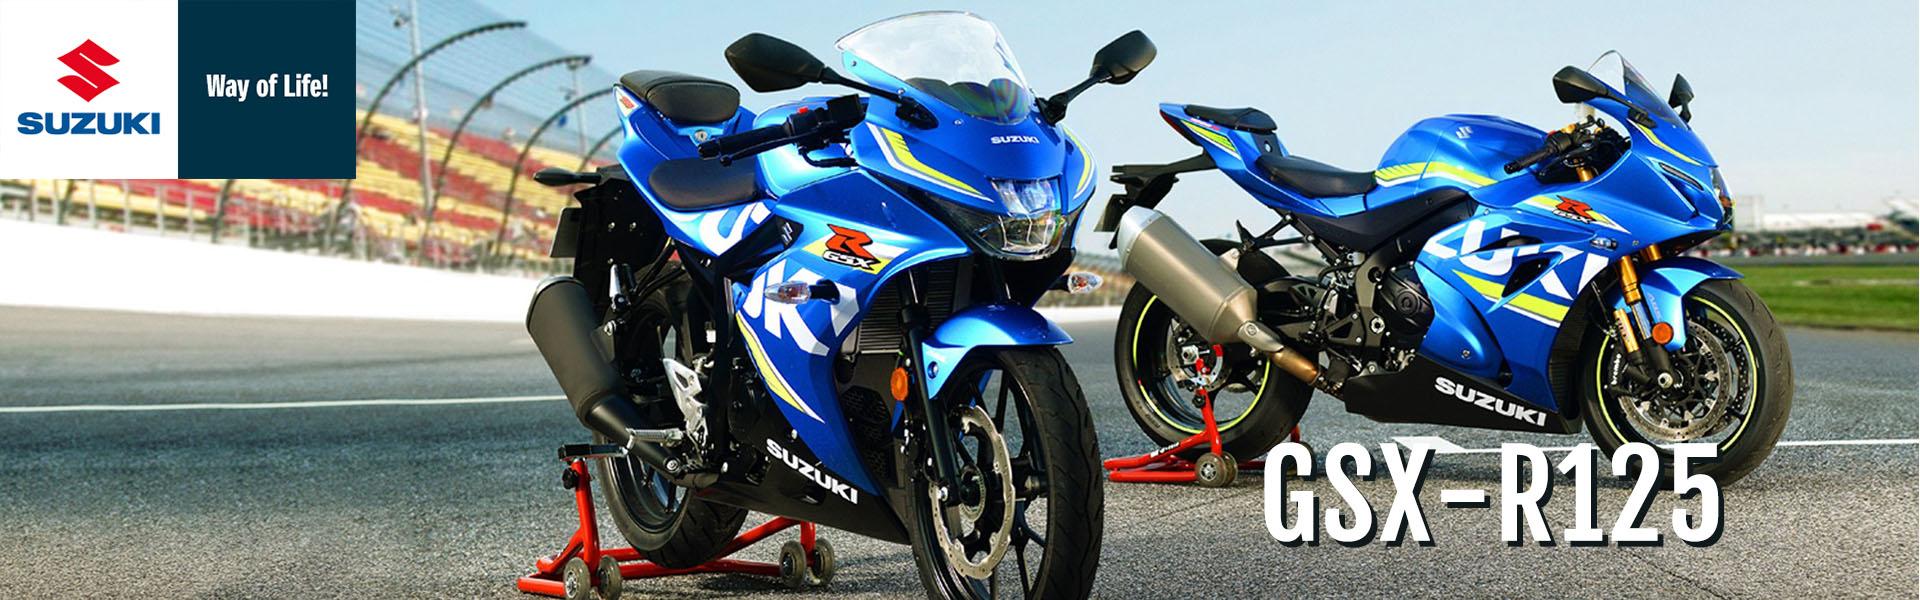 GSX-R125 Suzuki Motorrad Mainz